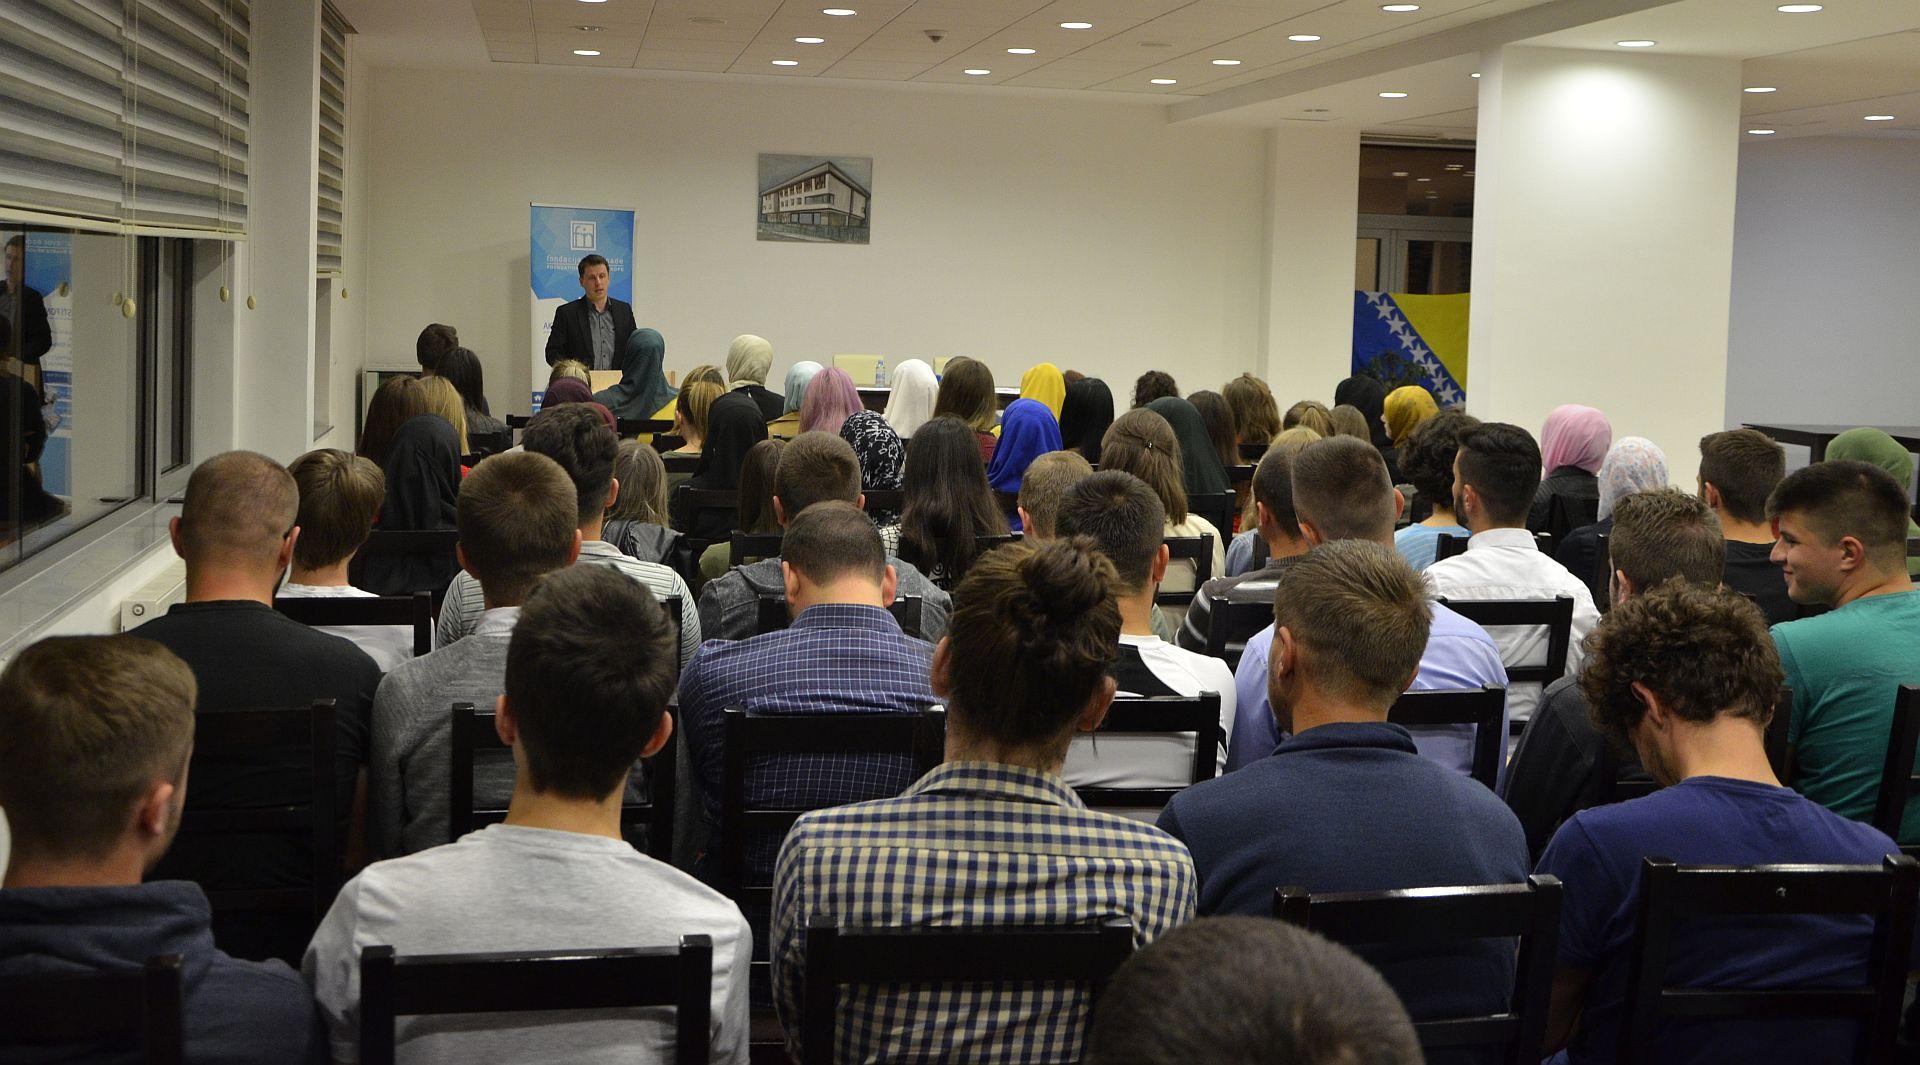 Potpisivanje ugovora sa 134 stipendista, oktobar 2018., Fondacija Izvor nade, 10.10.2018.